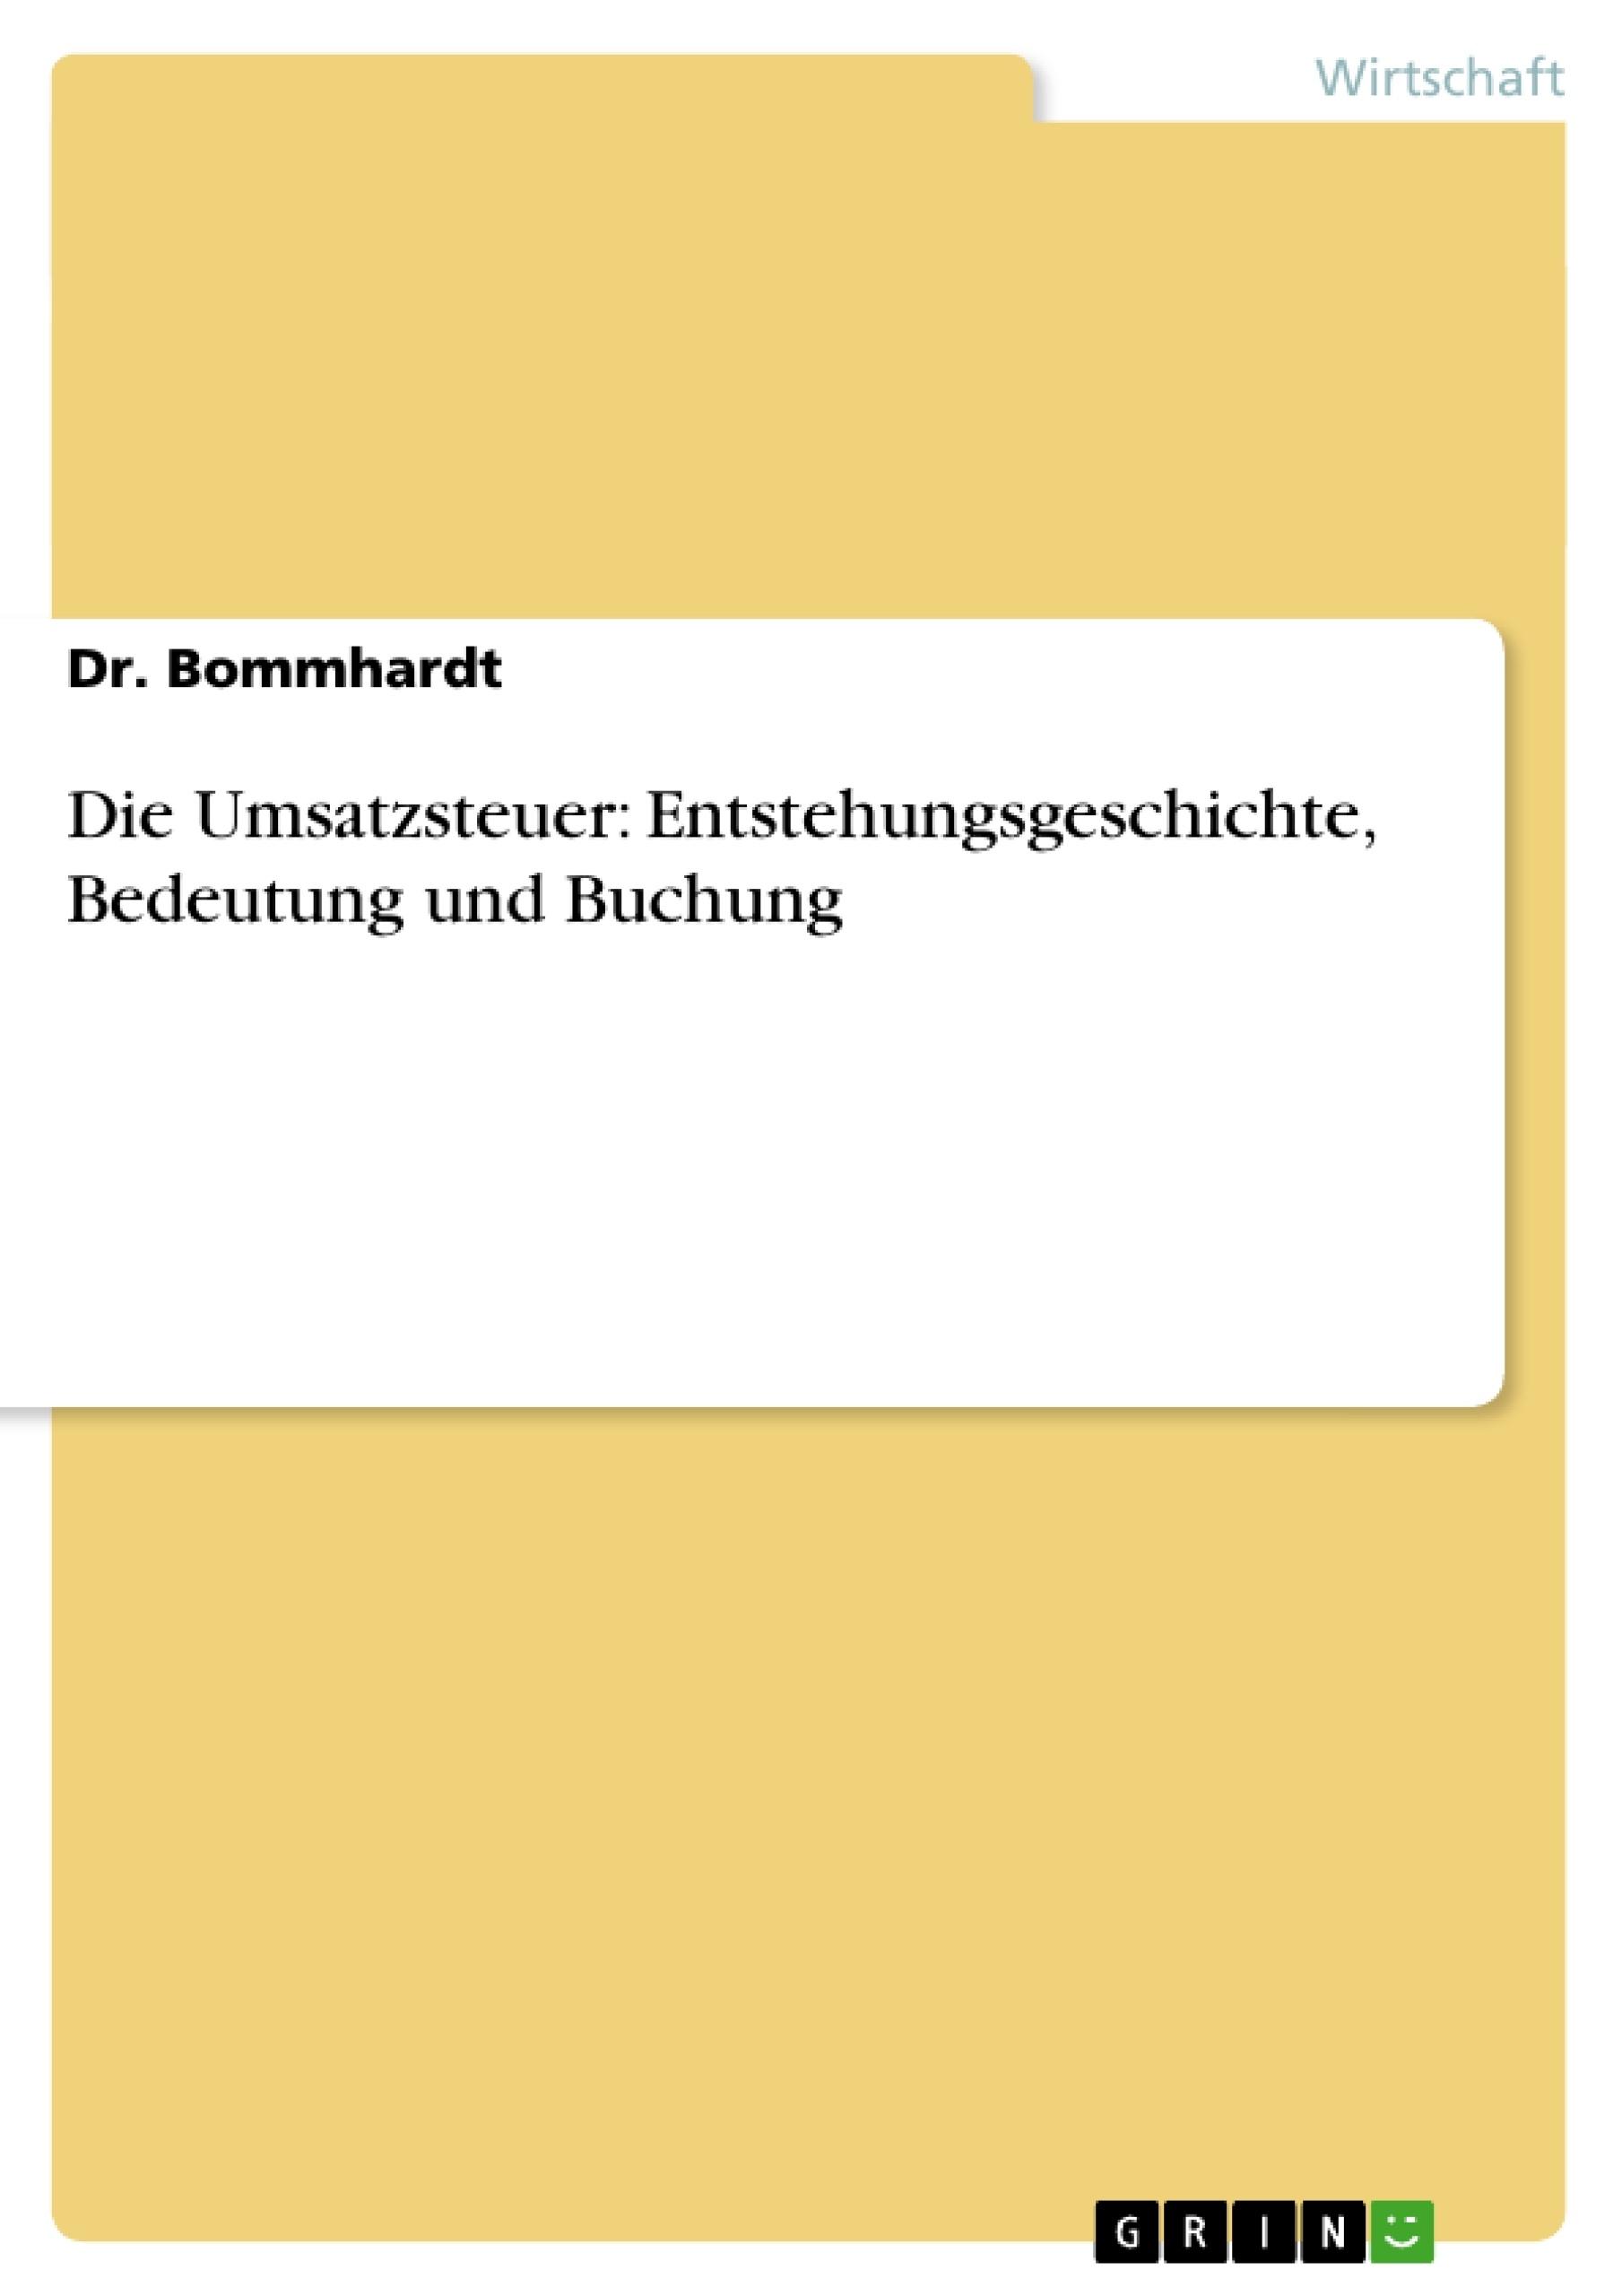 Titel: Die Umsatzsteuer: Entstehungsgeschichte, Bedeutung und Buchung